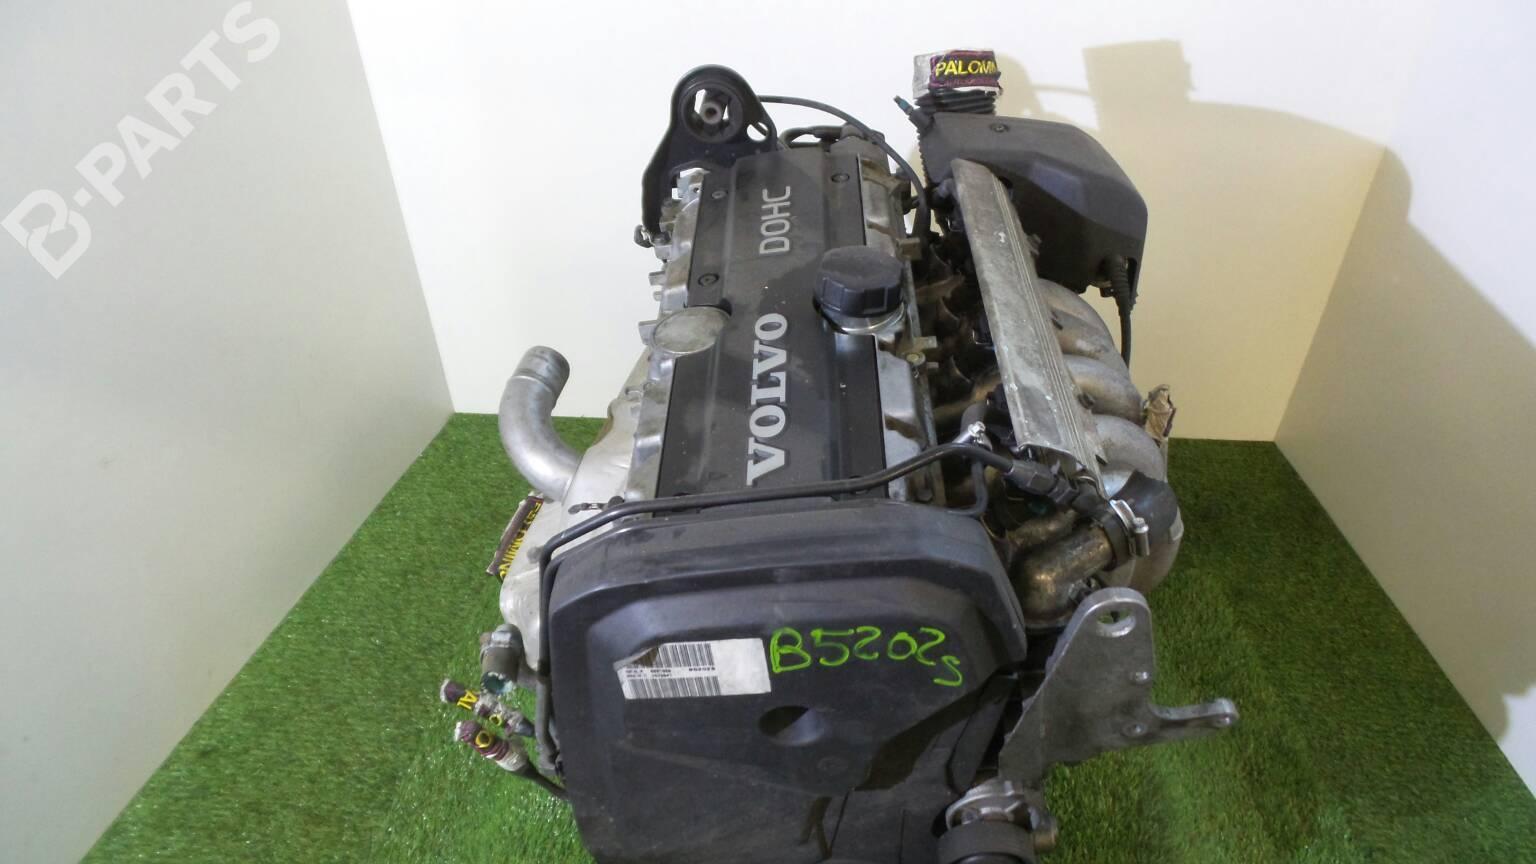 Engine Volvo 850 Ls 20 66541 1994 Schematics Complete 126hp B 5202 S